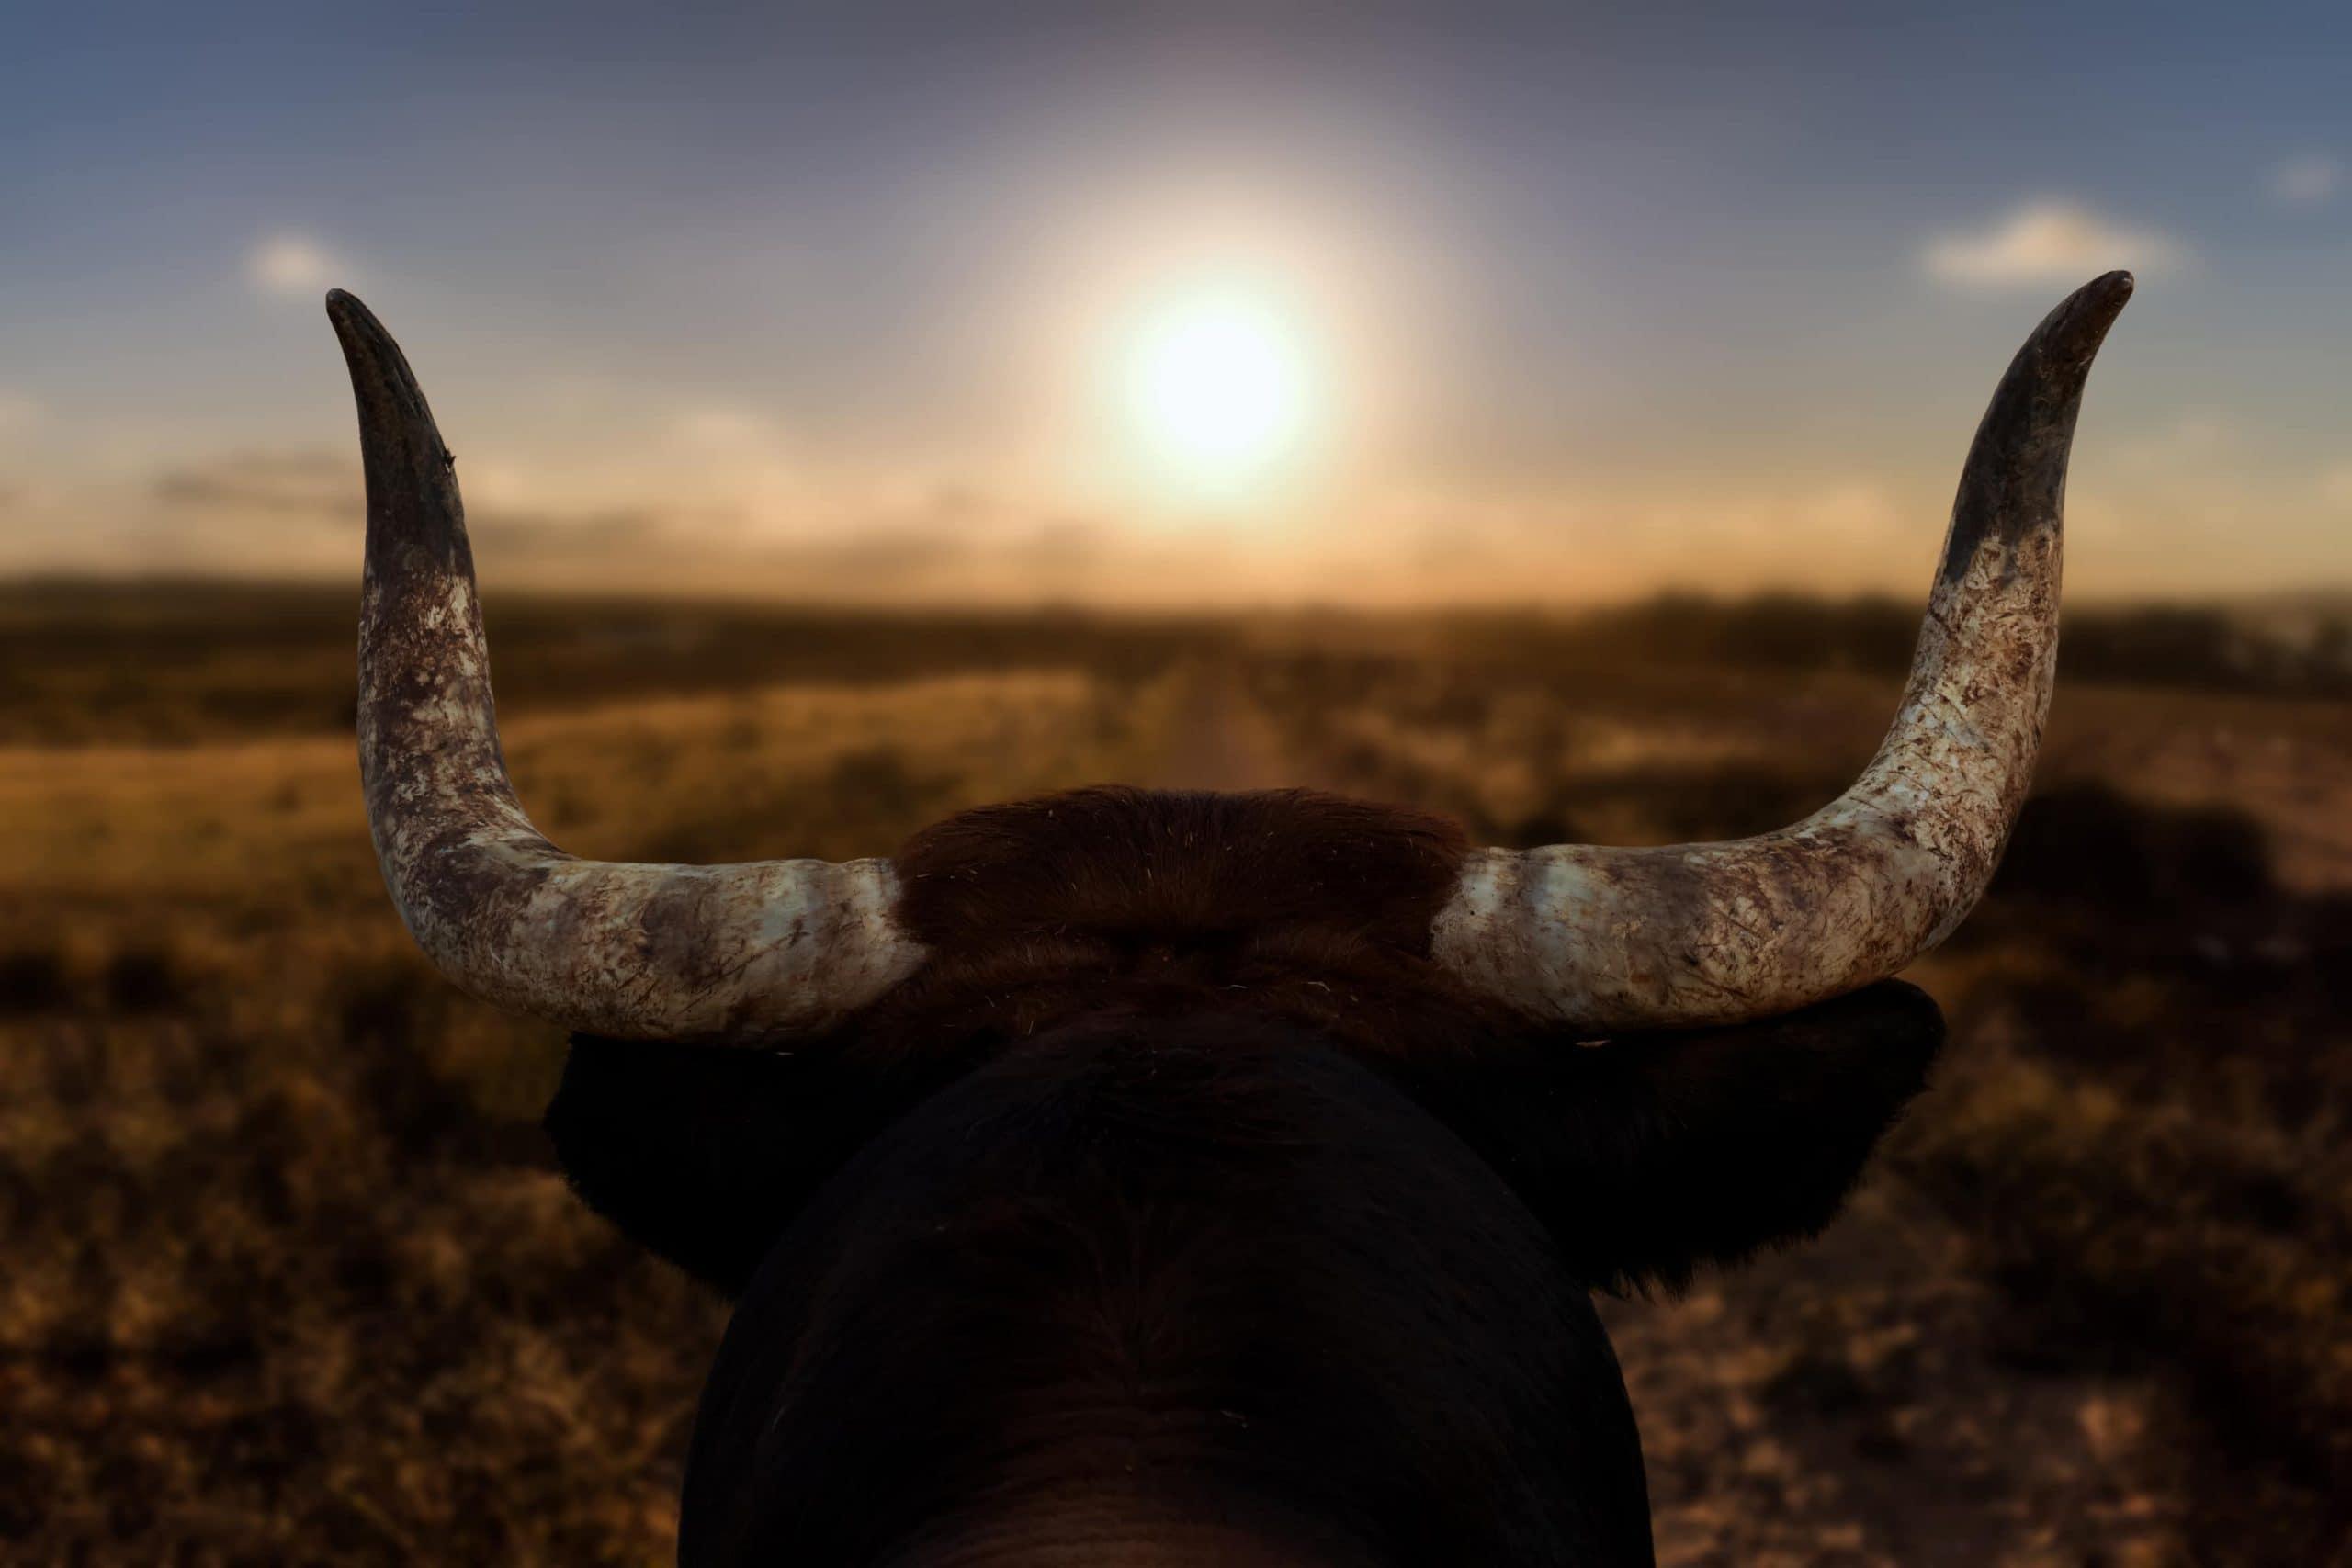 Hinterkopf eines Stiers, der Richtung Sonnenaufgang schaut